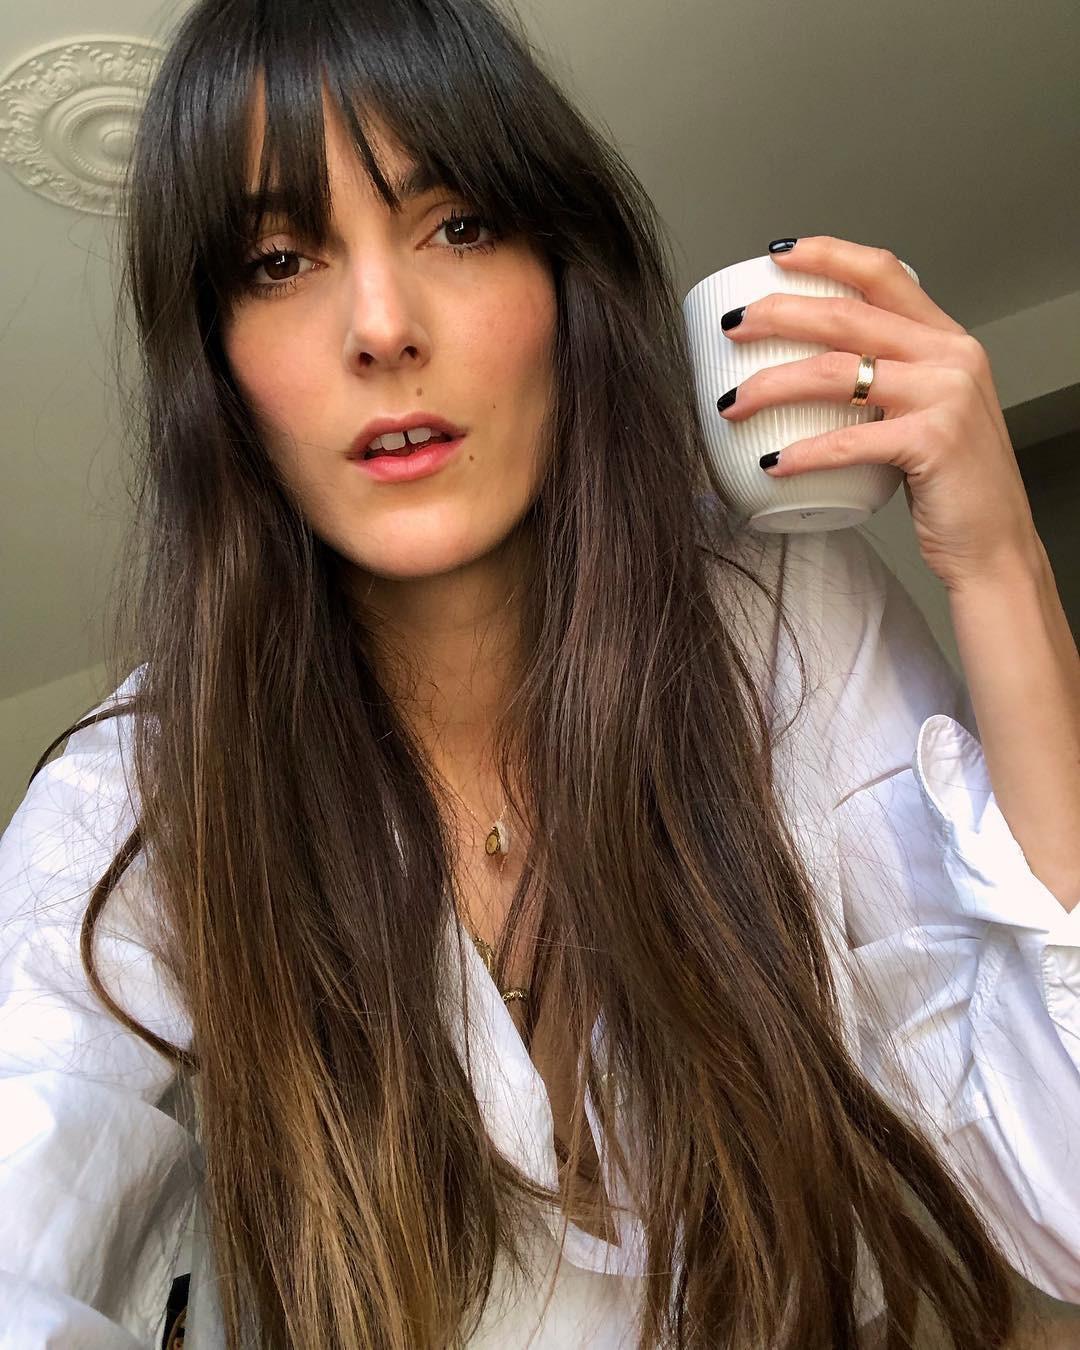 4 kiểu tóc ruột của phụ nữ Pháp: Đơn giản đến lộn xộn mà sao vẫn sang chảnh đến thế! - Hình 11